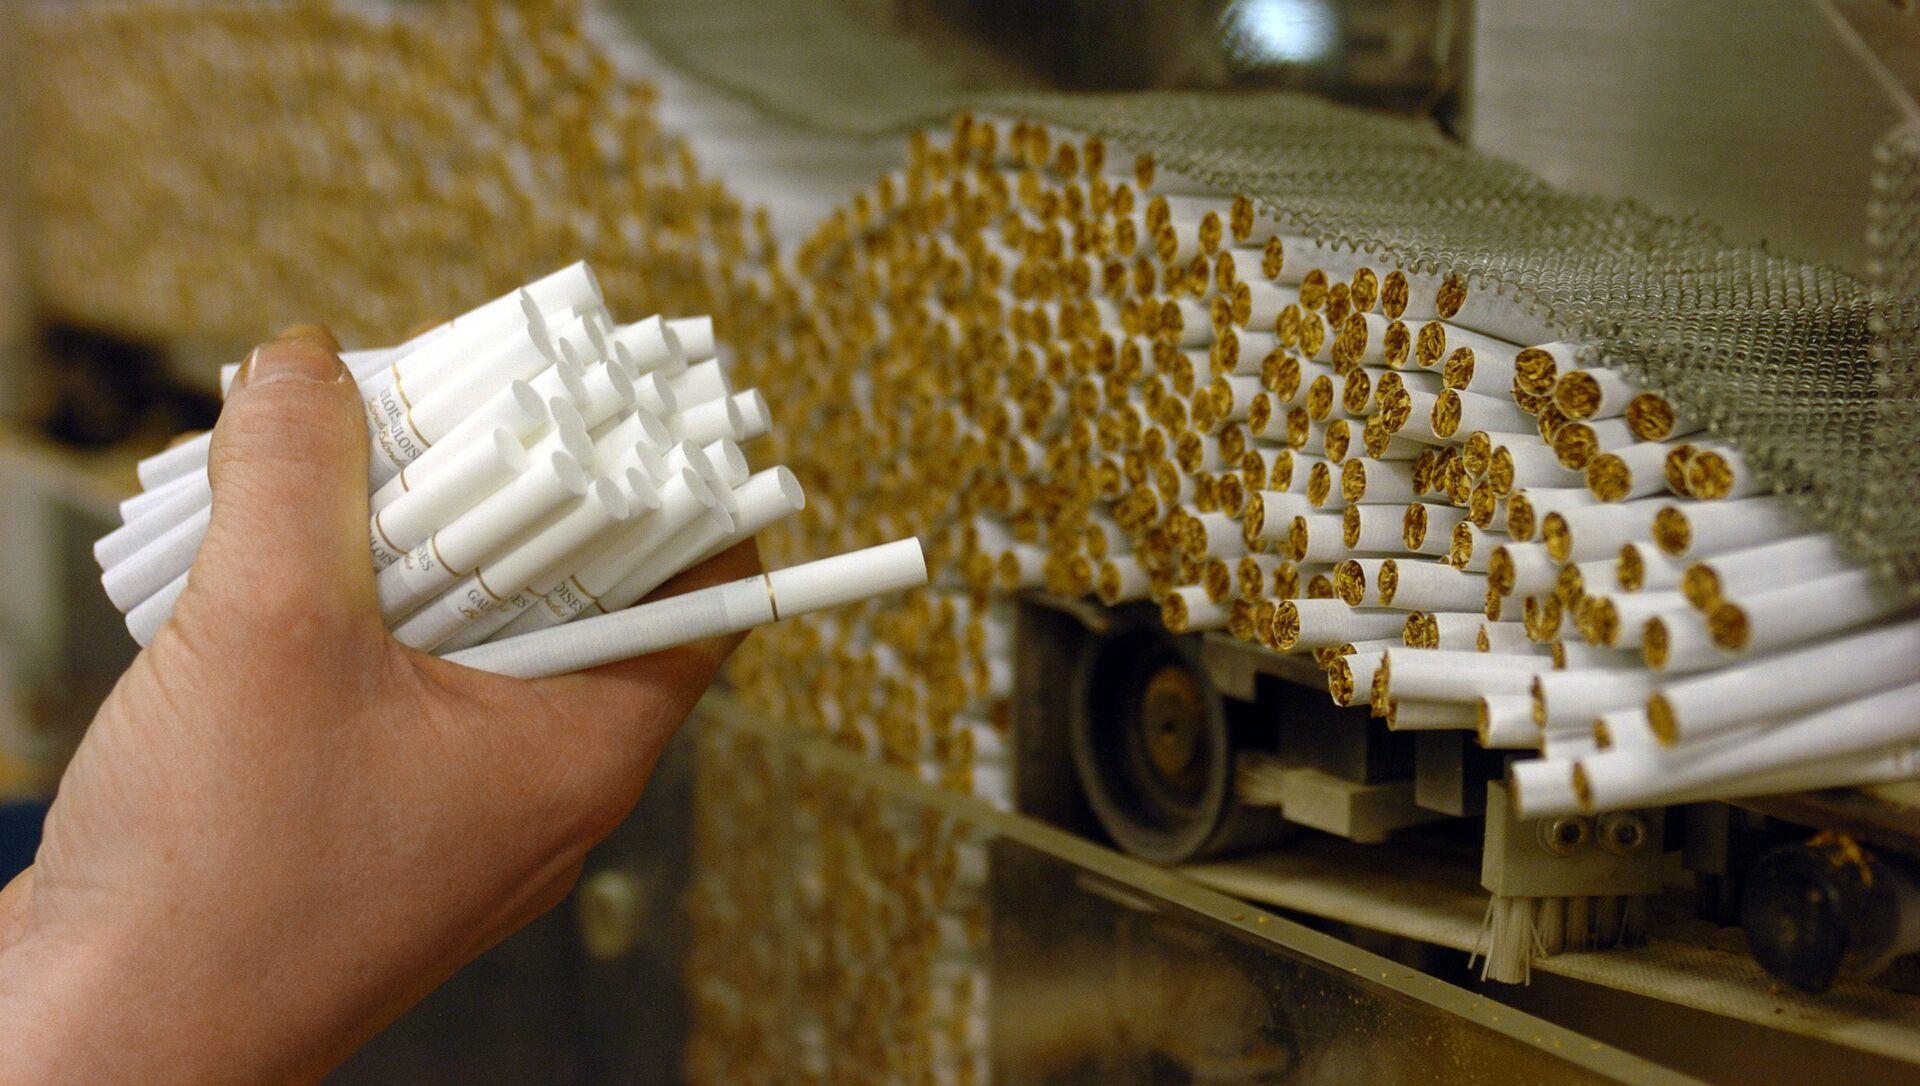 Заводы по производству табачной продукции, фото из архива - Sputnik Azərbaycan, 1920, 25.09.2021